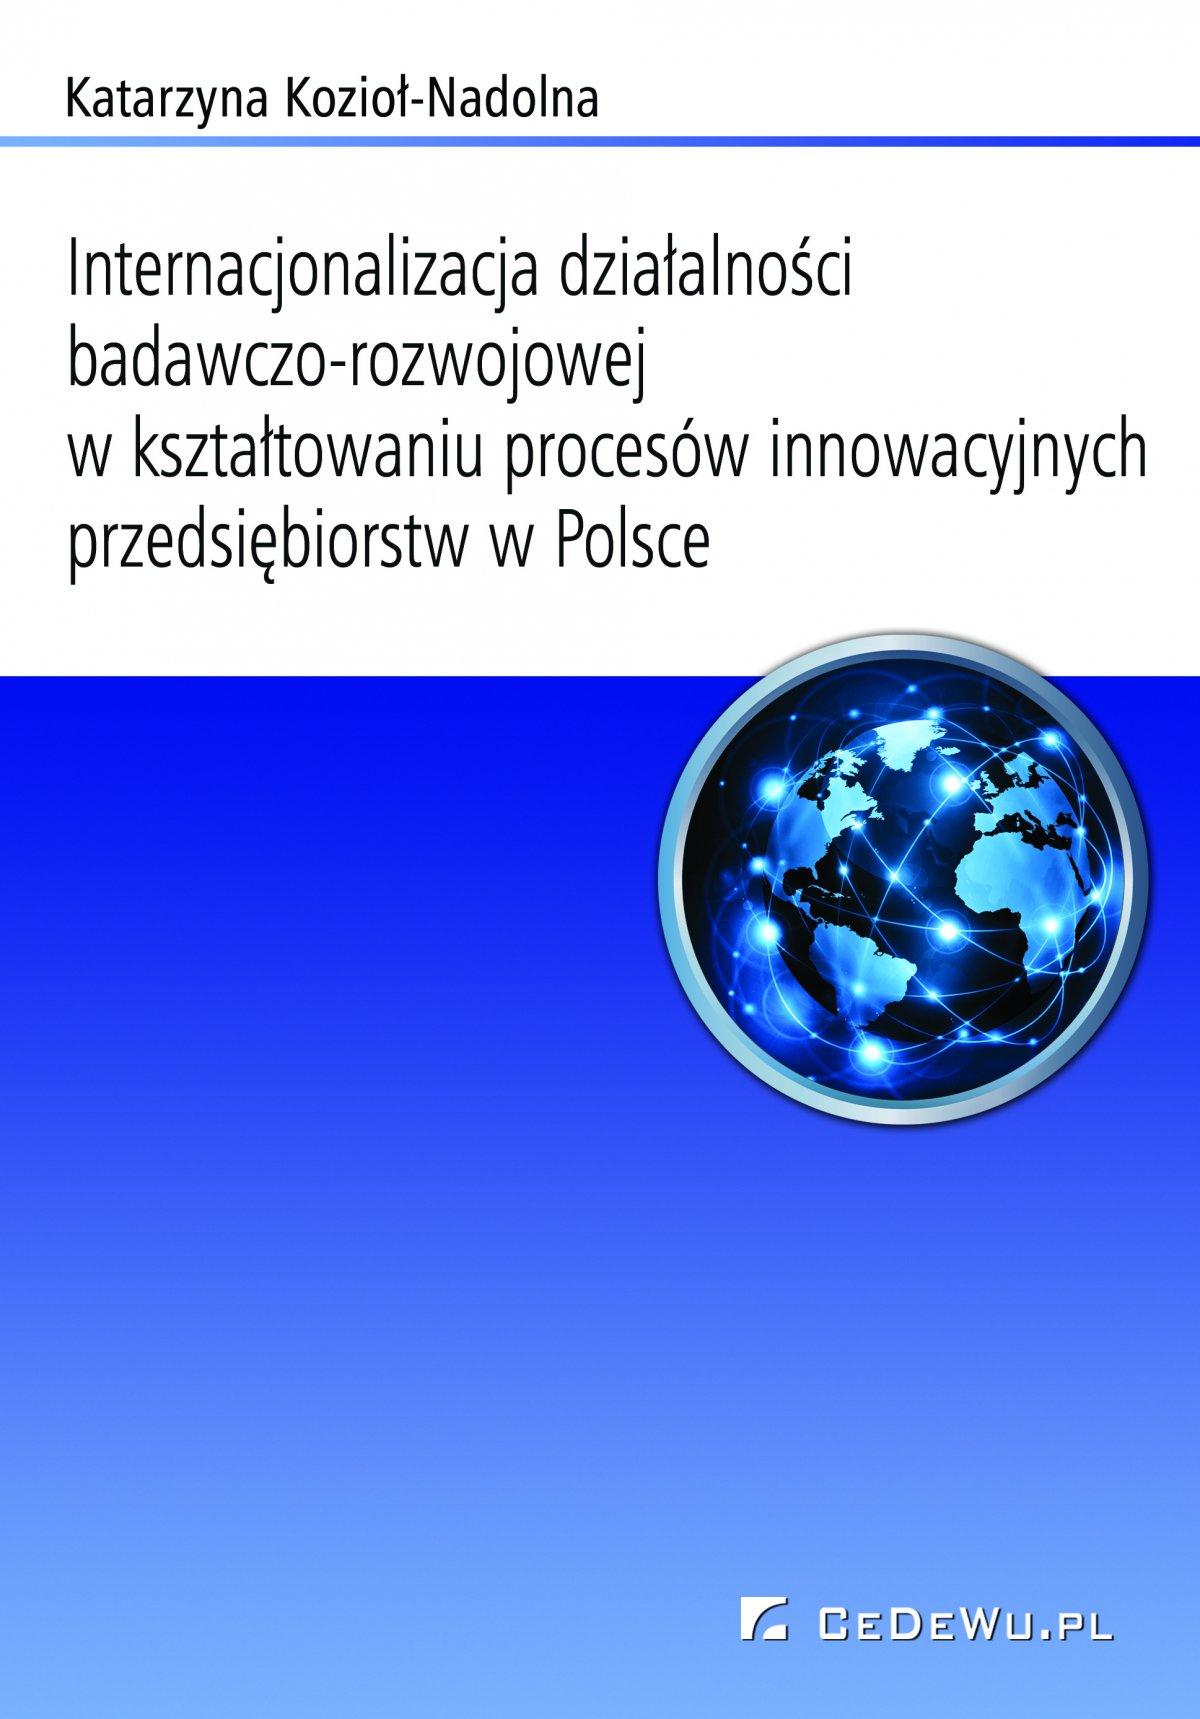 Internacjonalizacja działalności badawczo-rozwojowej... Rozdział 6. Kształtowanie procesów innowacyjnych oraz internacjonalizacji działalności badawczej i rozwojowej w wybranych przedsiębiorstwach w Polsce w latach 2000-2011 - Ebook (Książka PDF) do pobrania w formacie PDF